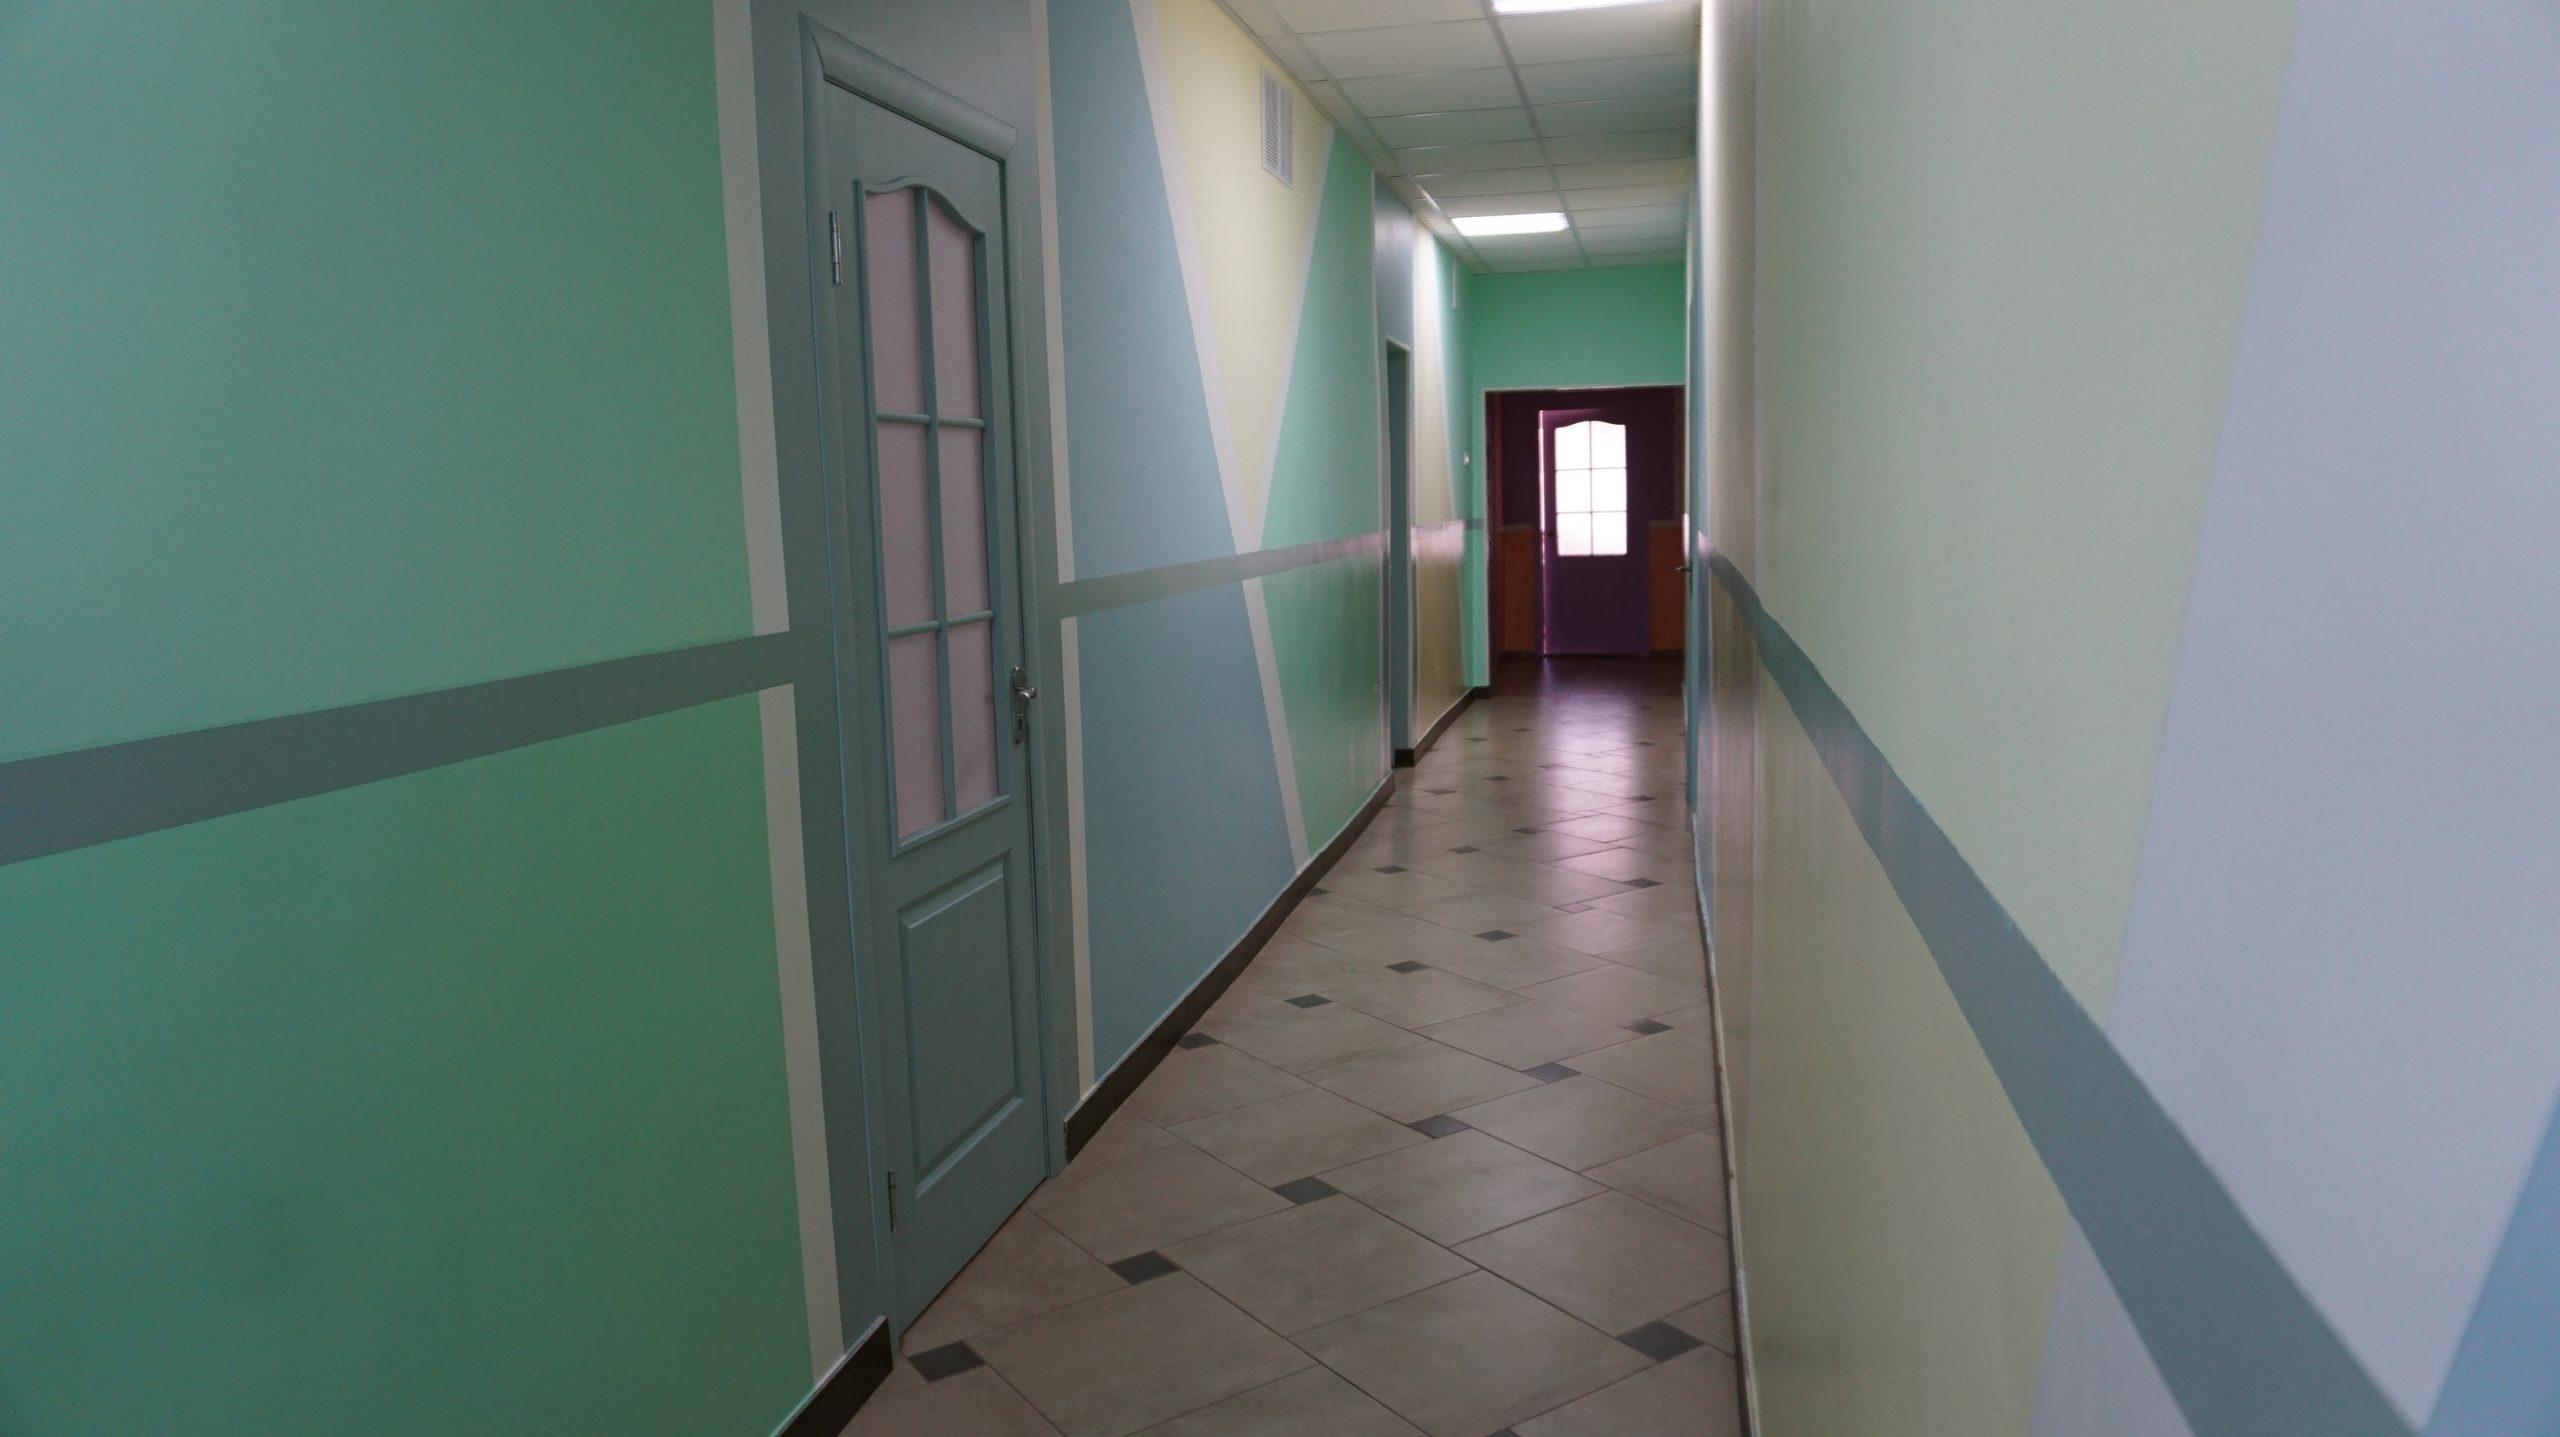 Сумська спеціалізована школа I ступеня №30